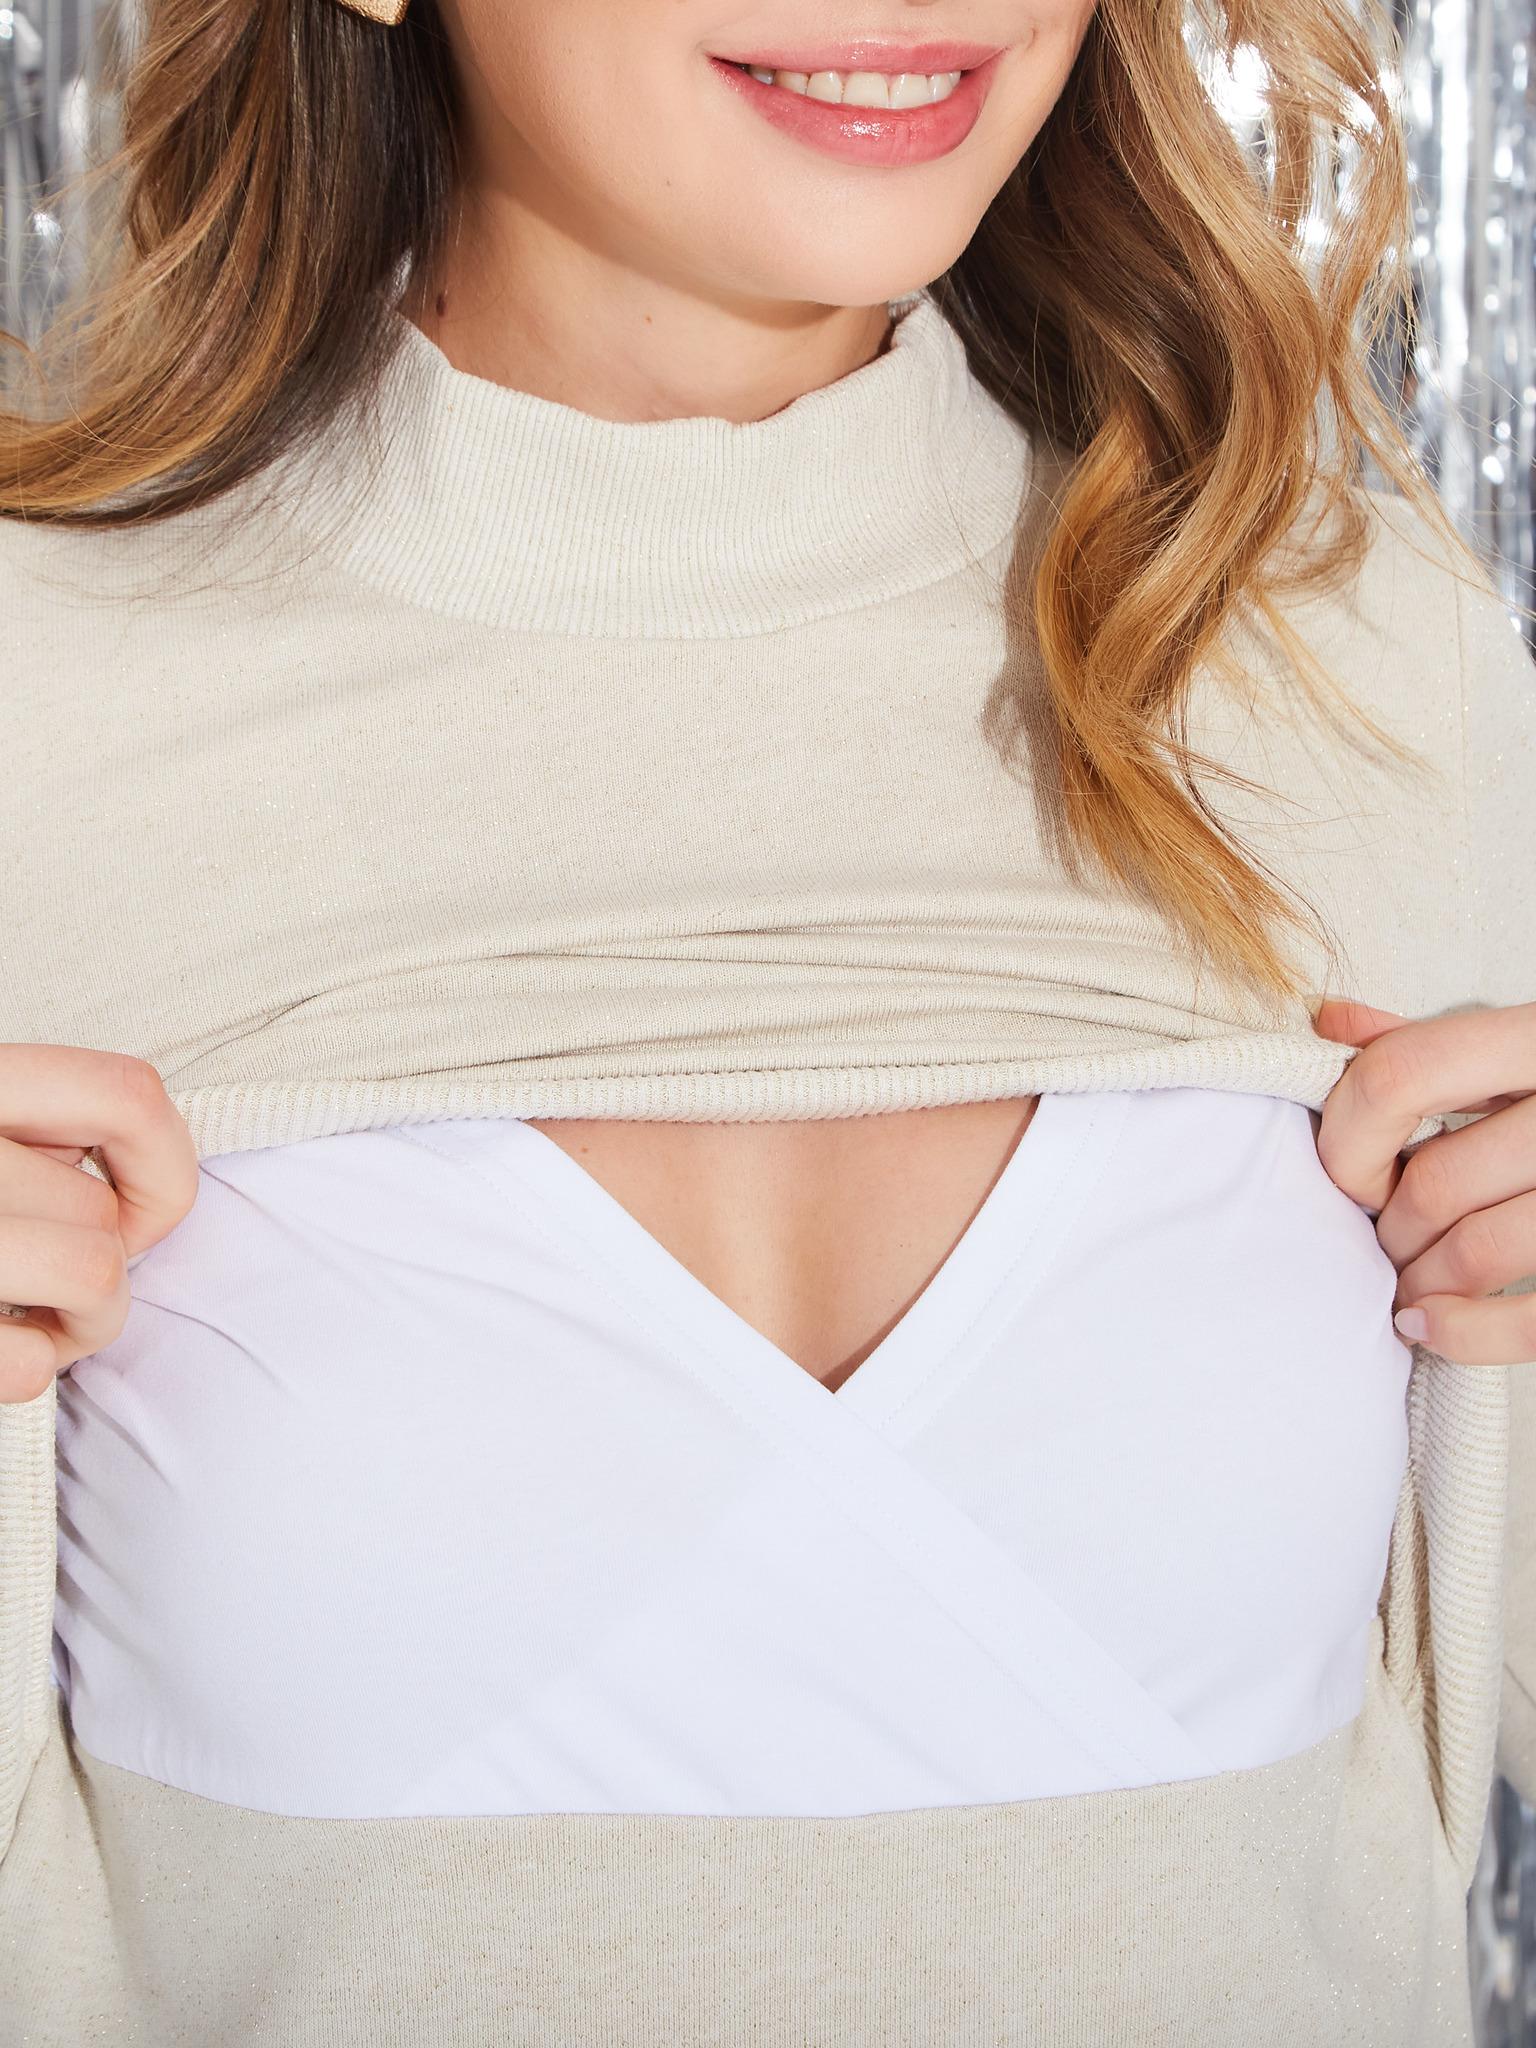 Chic mama Нарядное трикотажное платье для кормящих мам с секретом для кормления